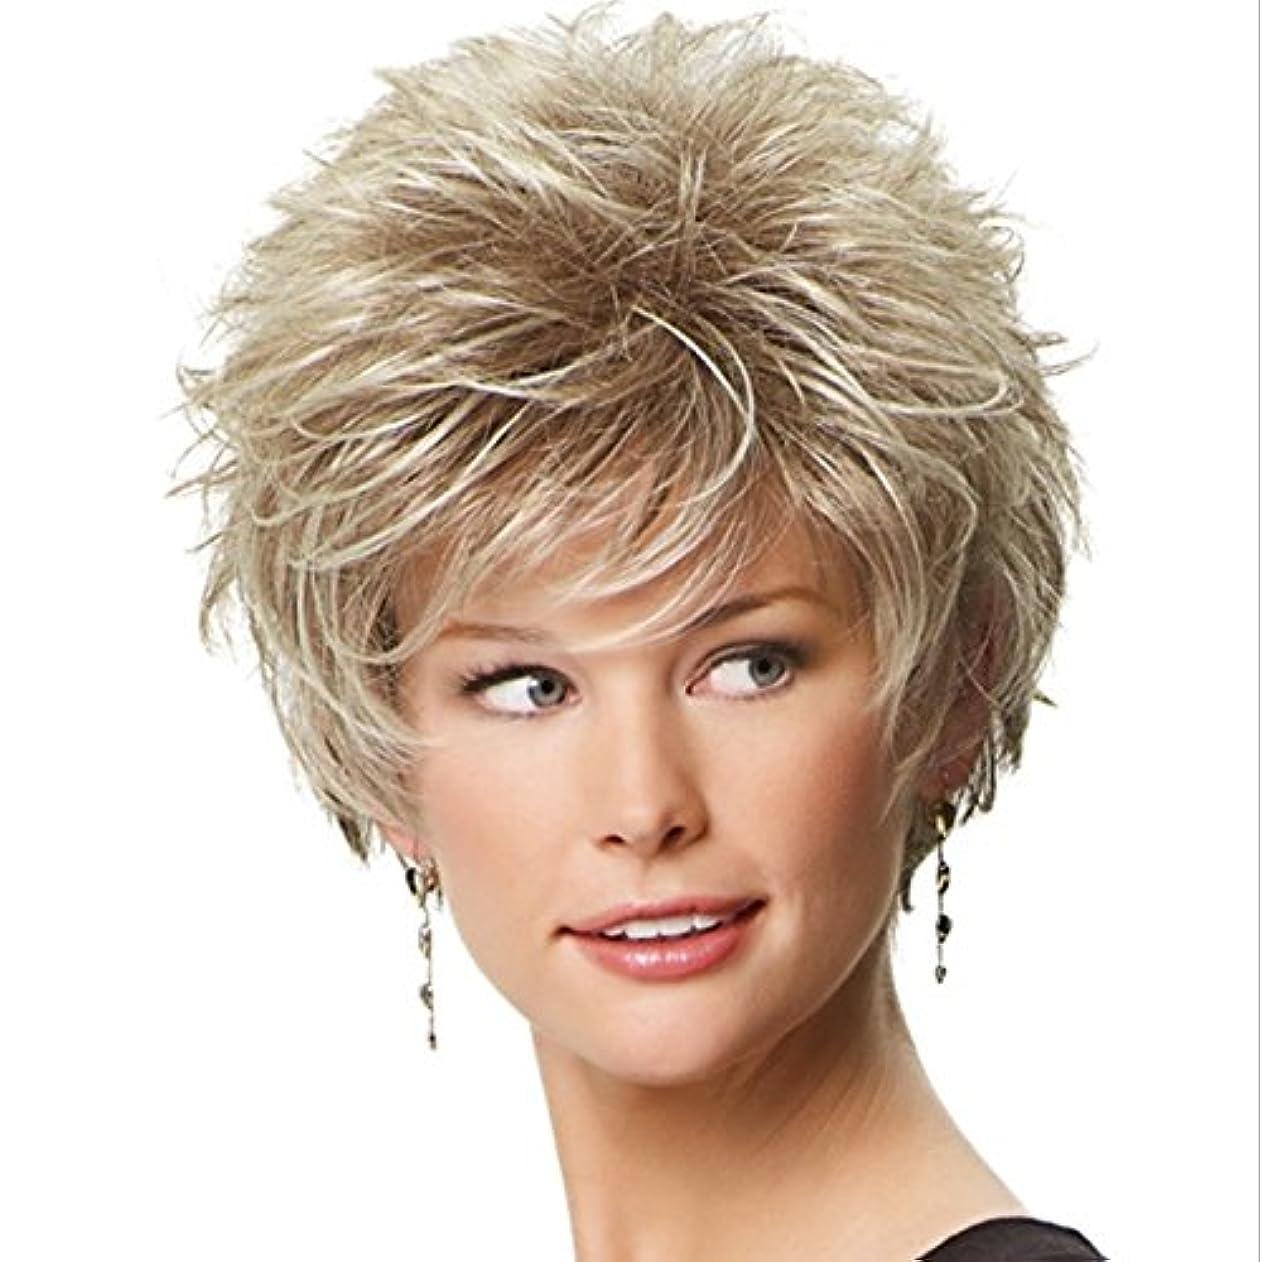 虐殺母音中にJIANFU 女性のための優雅なかつらエアーフラットバンズウィッグとショートカーリーヘアー女性のための耐熱性のあるふわふわウィッグ10inch / 11inch(灰色がかった白、金色) (Color : Golden)